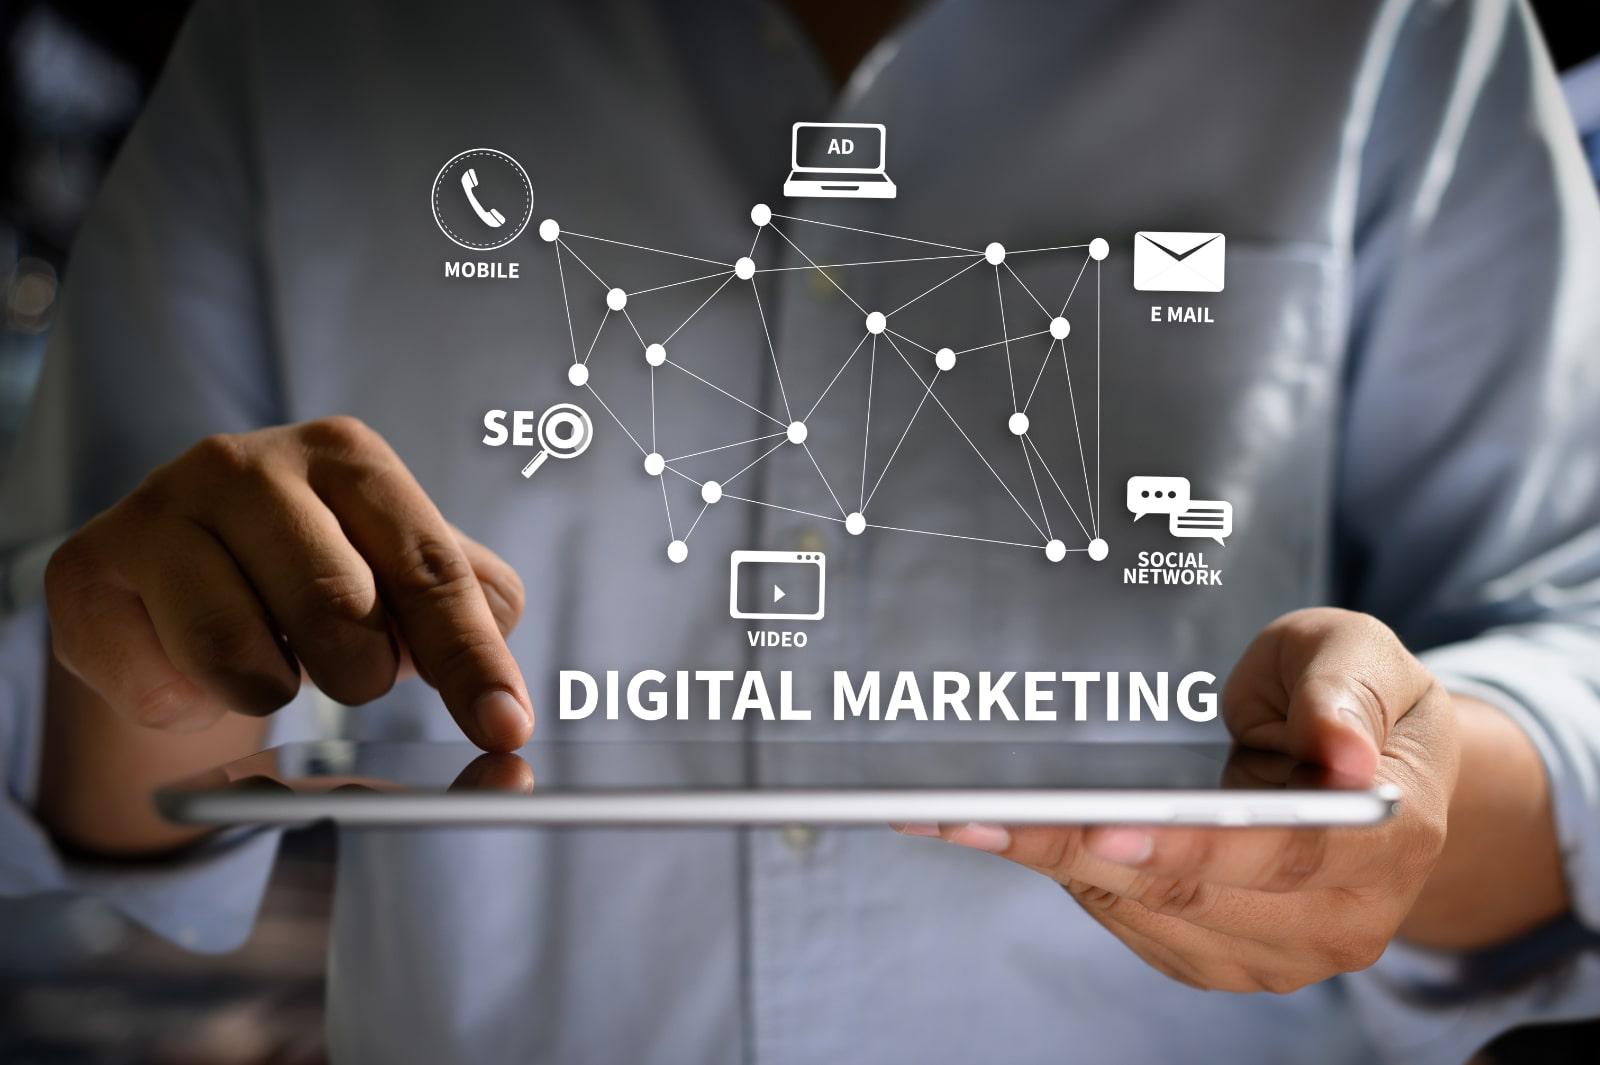 デジタルマーケティングとは?概要・手法・デジタルマーケターの役割まで解説